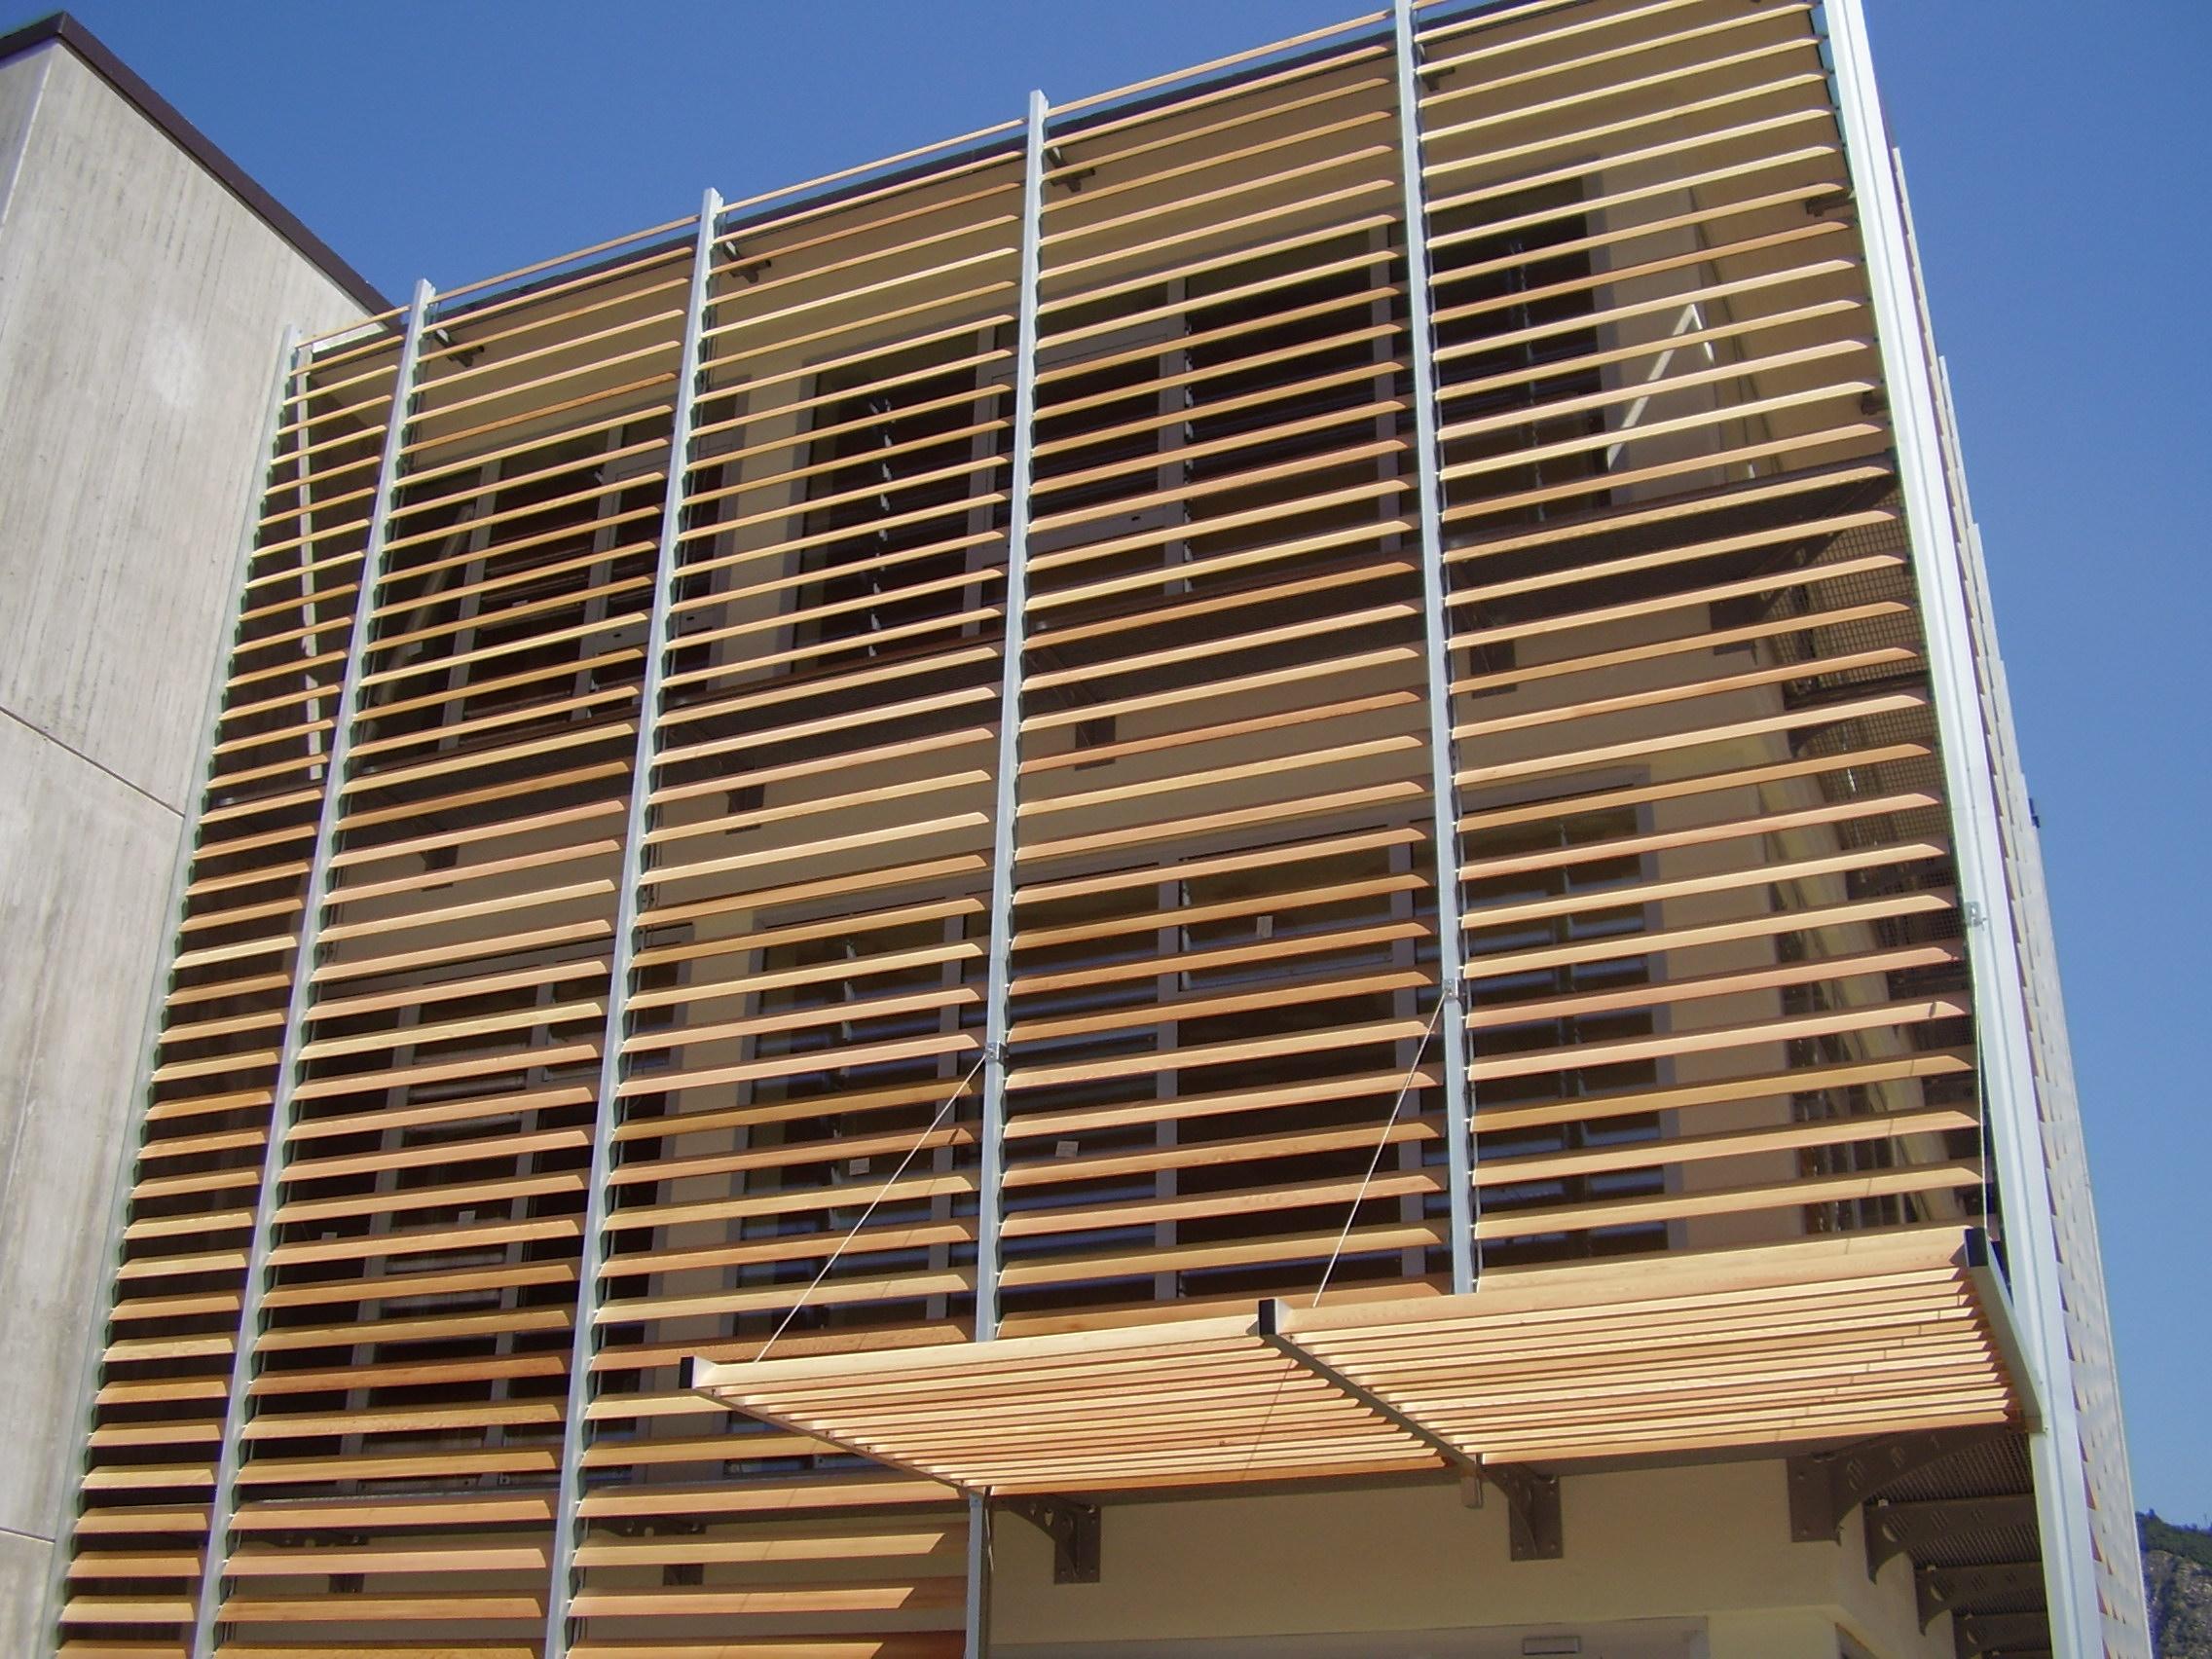 Frangisole legno alluminio esempi e consigli con foto for Economici rivestimenti in legno